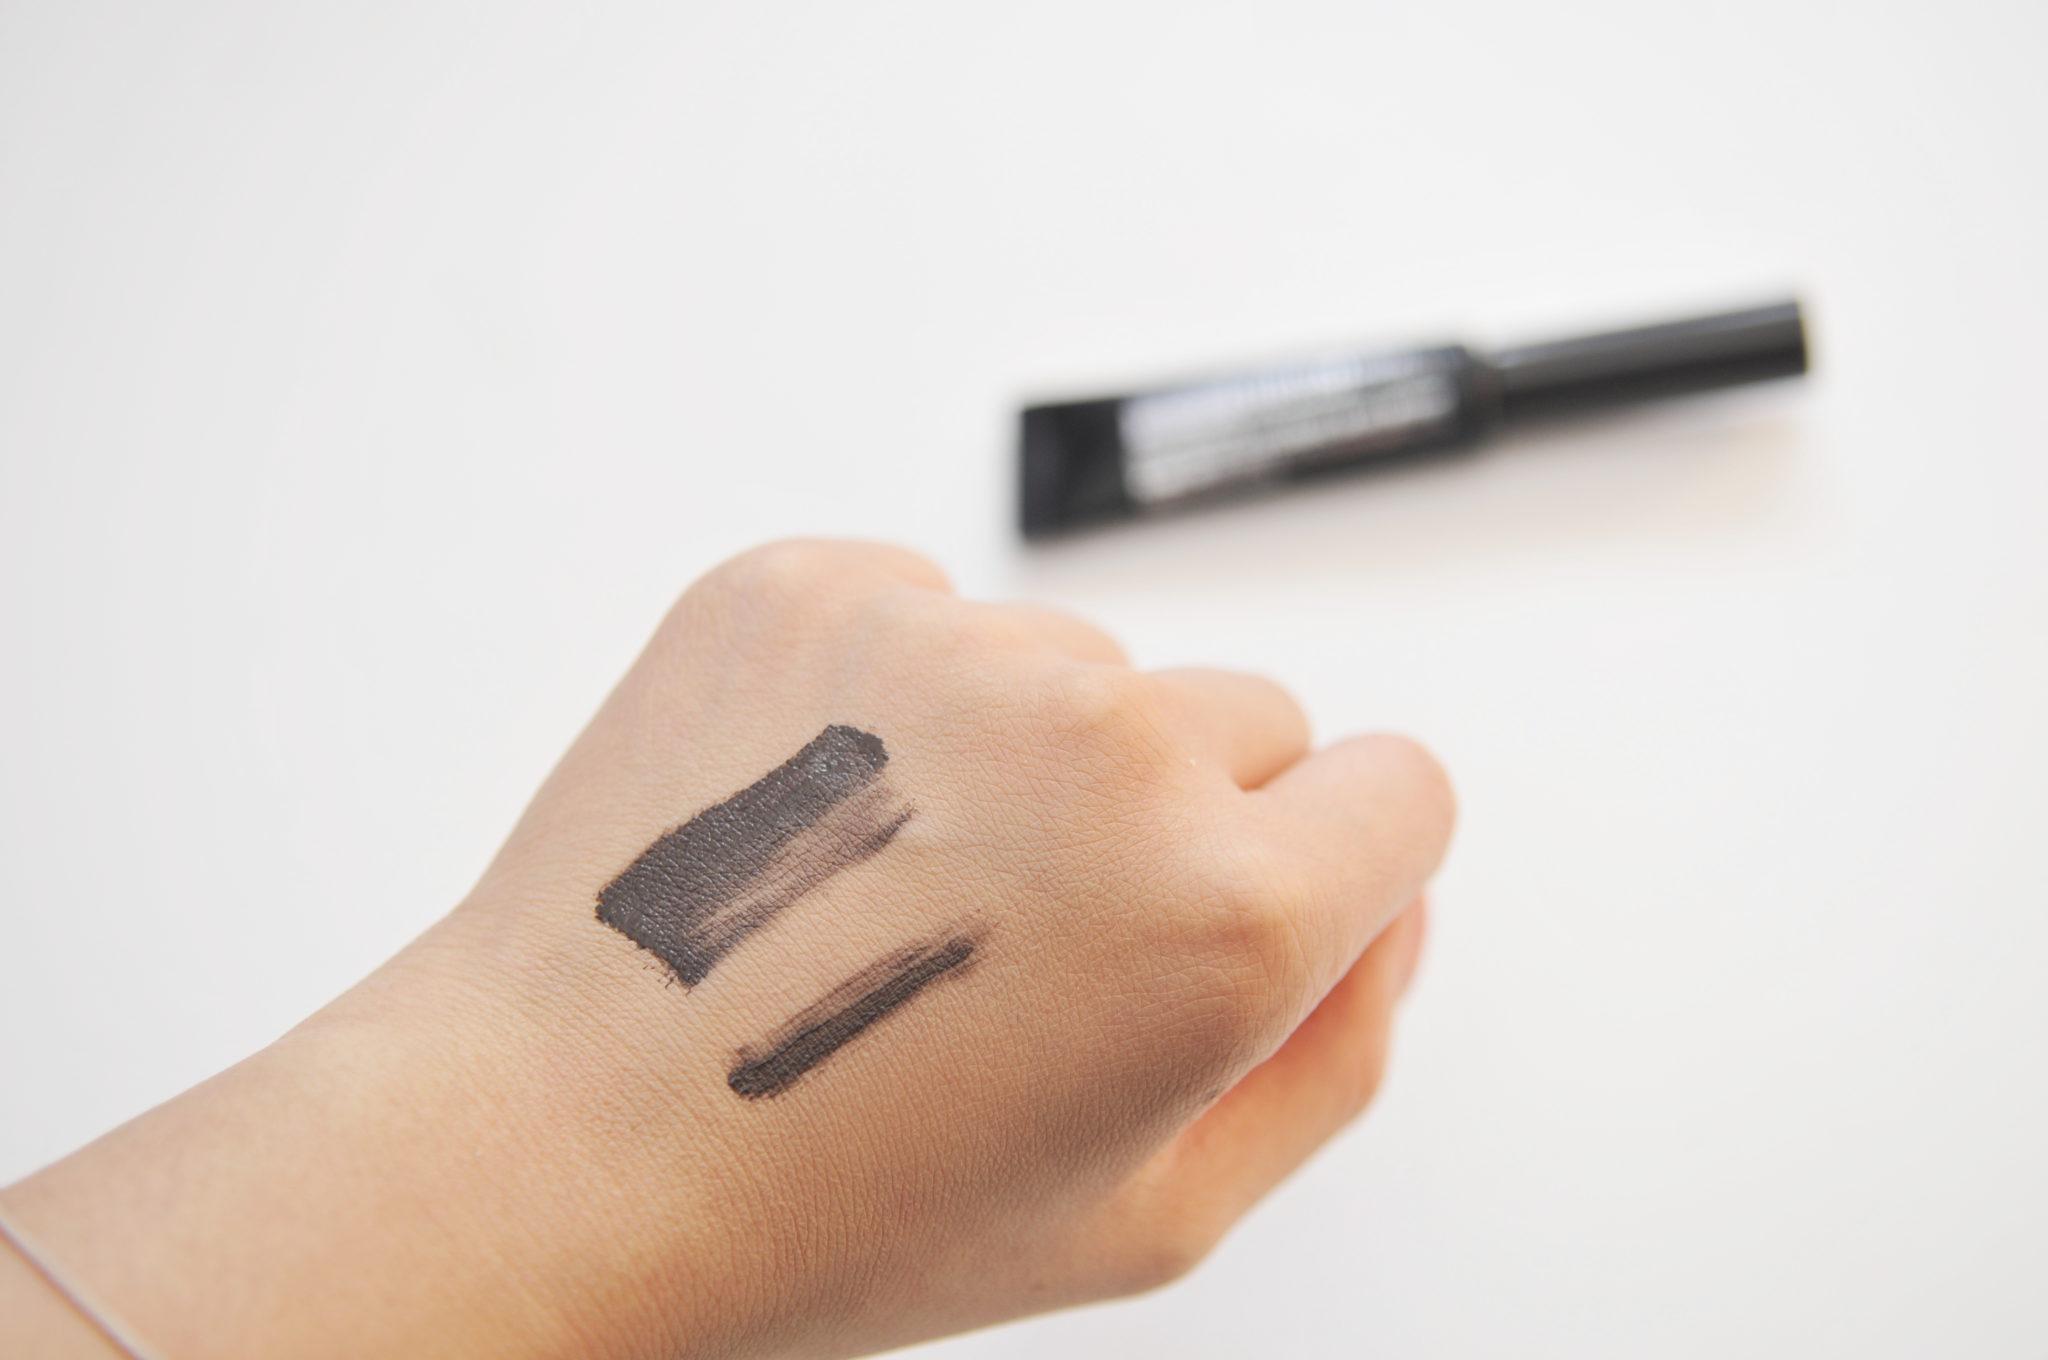 Maybelline Tattoo Studio Waterproof Eyebrow Gel In Deep Brown